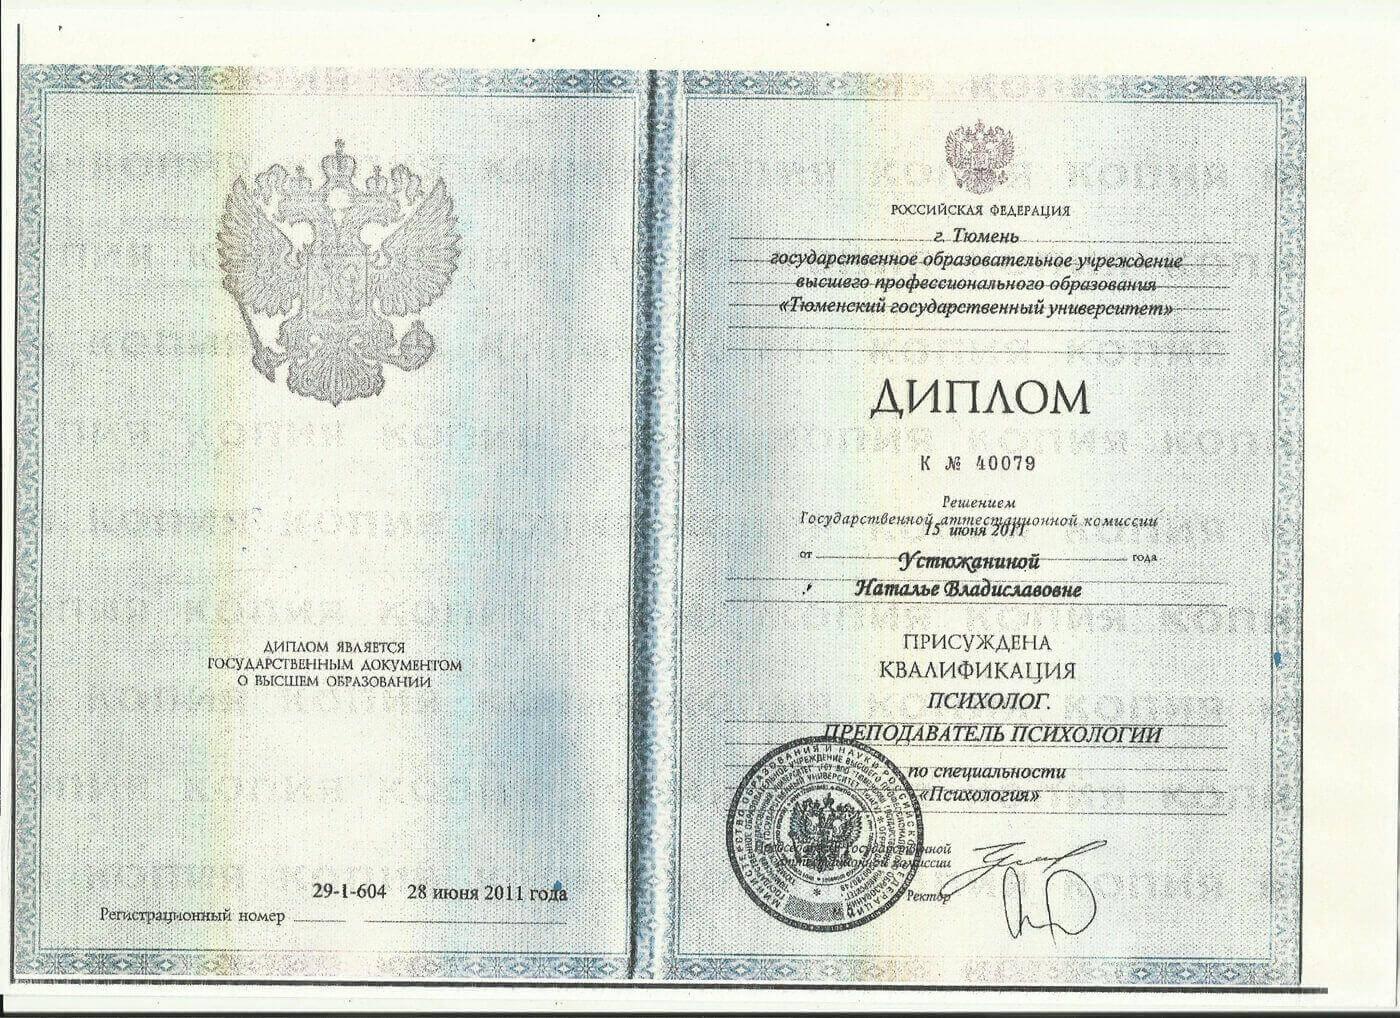 Диплом ТГУ Устюжаниной Н. В квалификация психолог